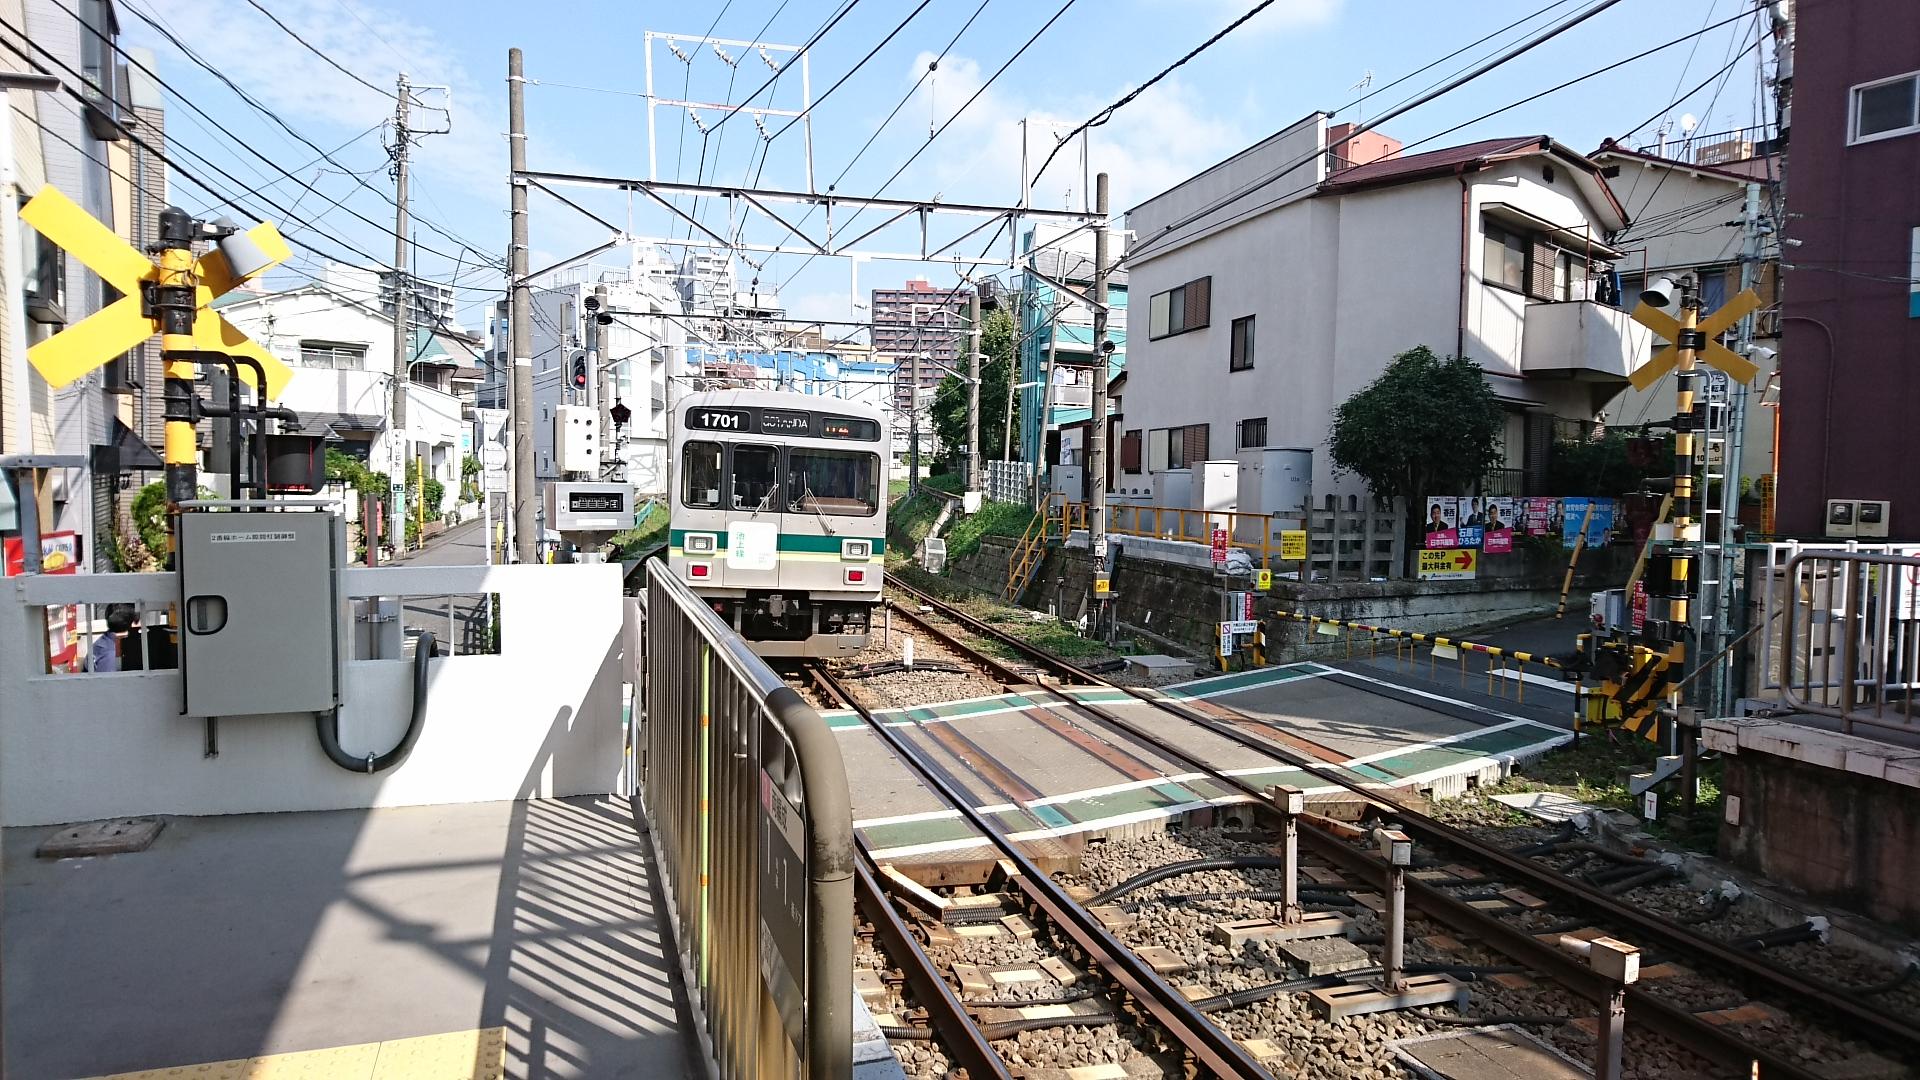 2017.10.12 東京 (67) 戸越銀座 - 五反田いき各停 1920-1080